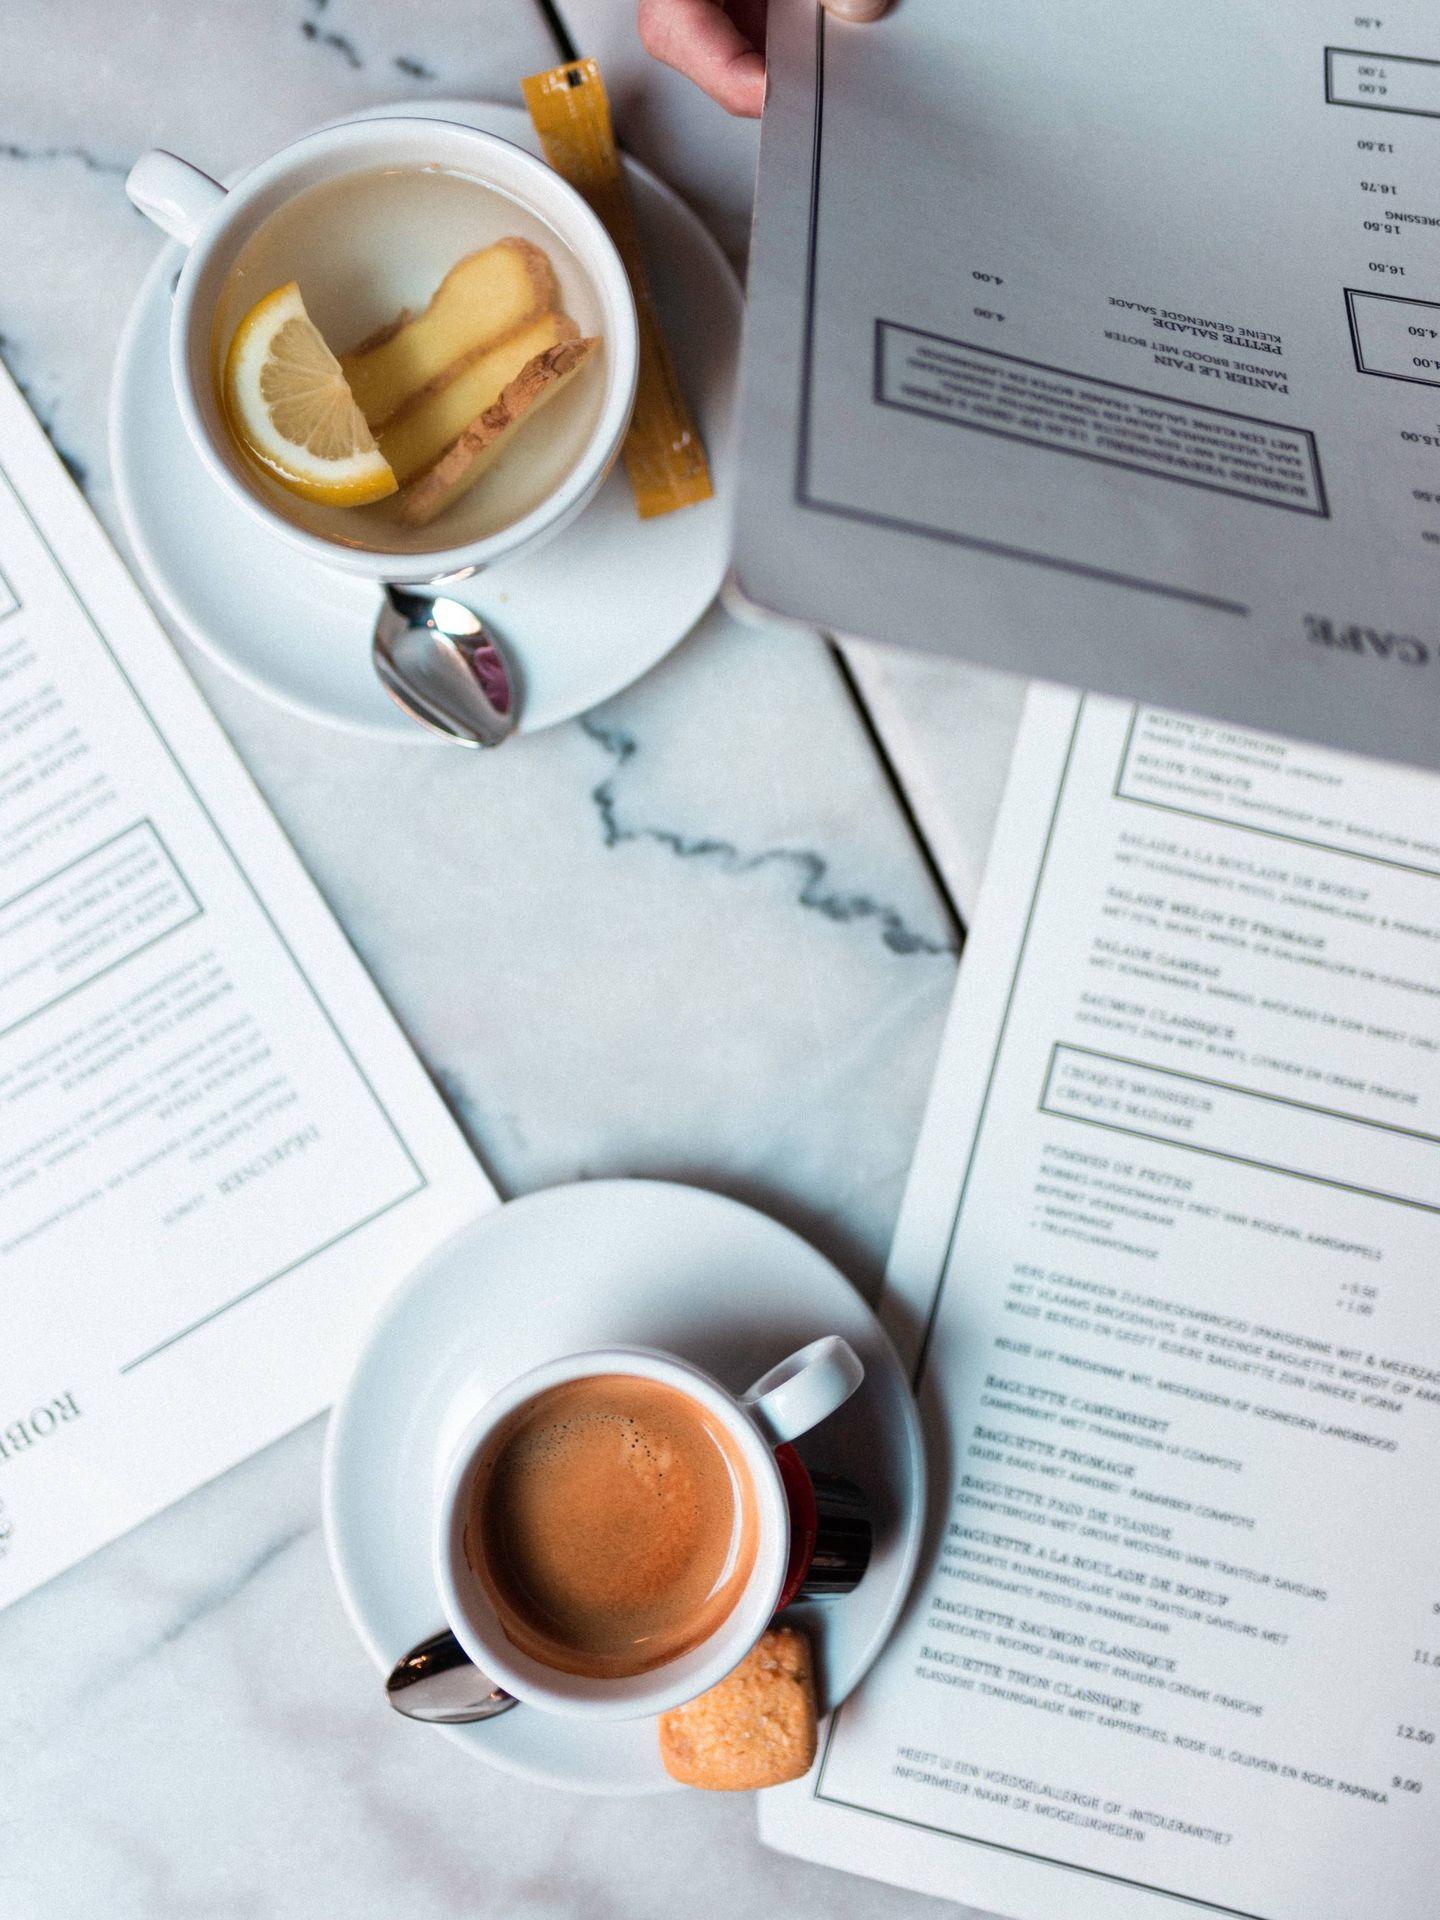 Es un perfecto sustitutivo del café y con más beneficios. (Lieuwe Terpstra)